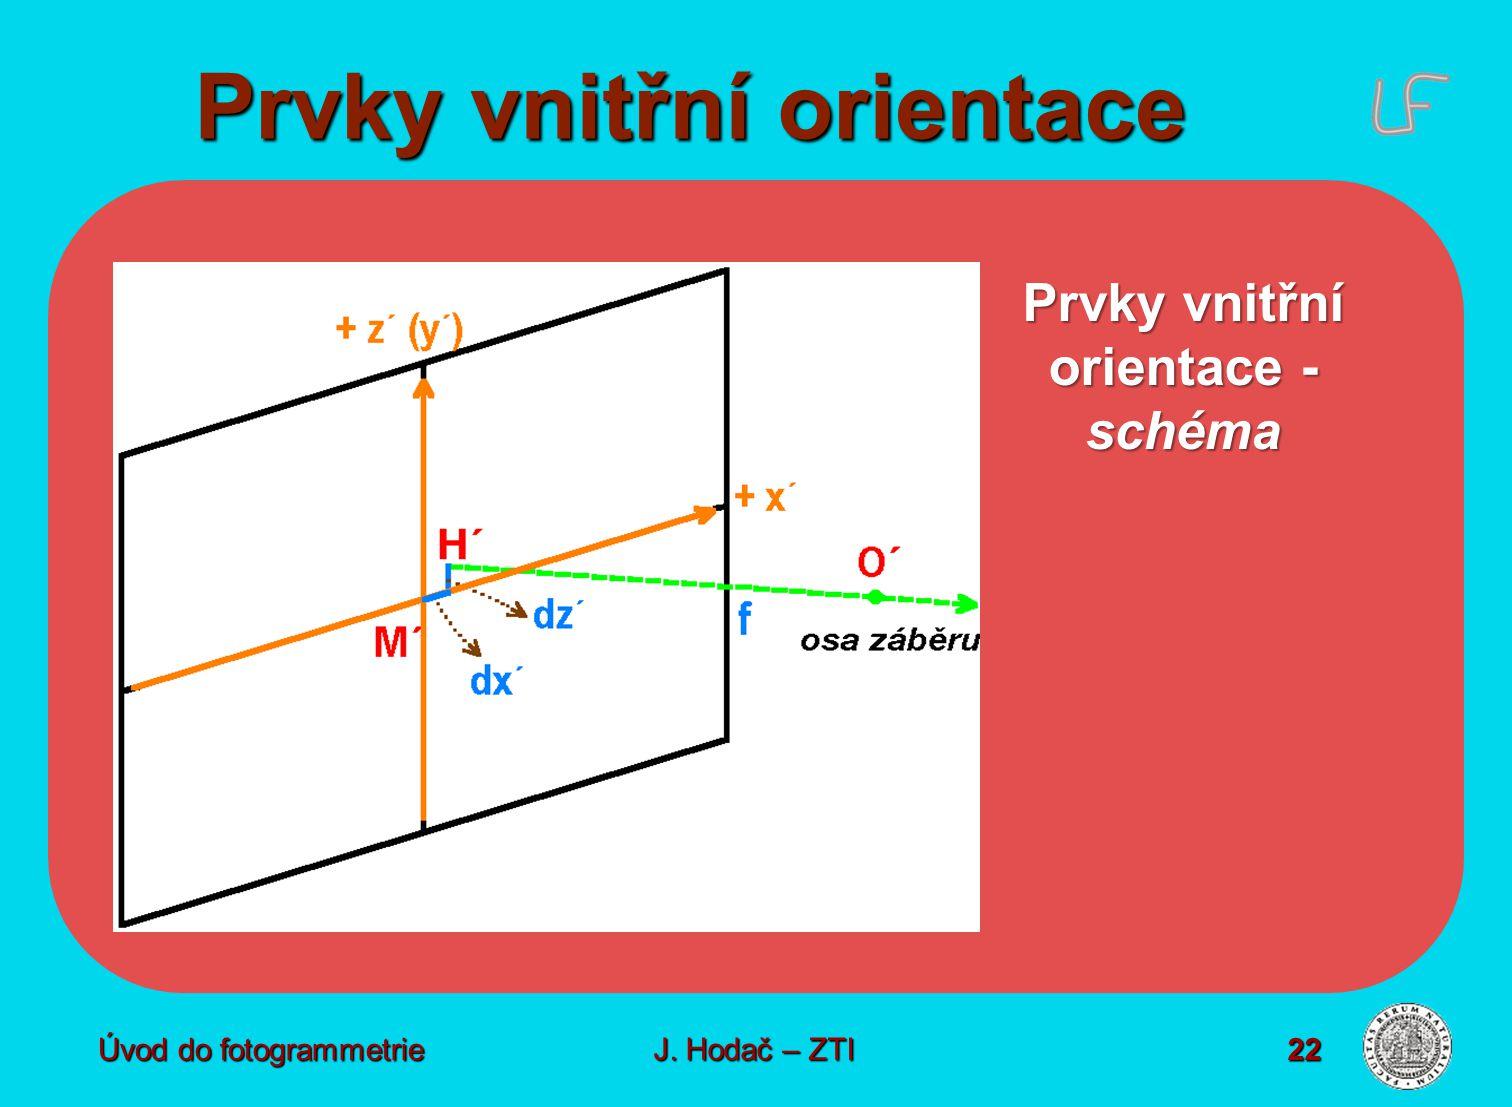 Prvky vnitřní orientace Úvod do fotogrammetrie J. Hodač – ZTI 22 Prvky vnitřní orientace - schéma